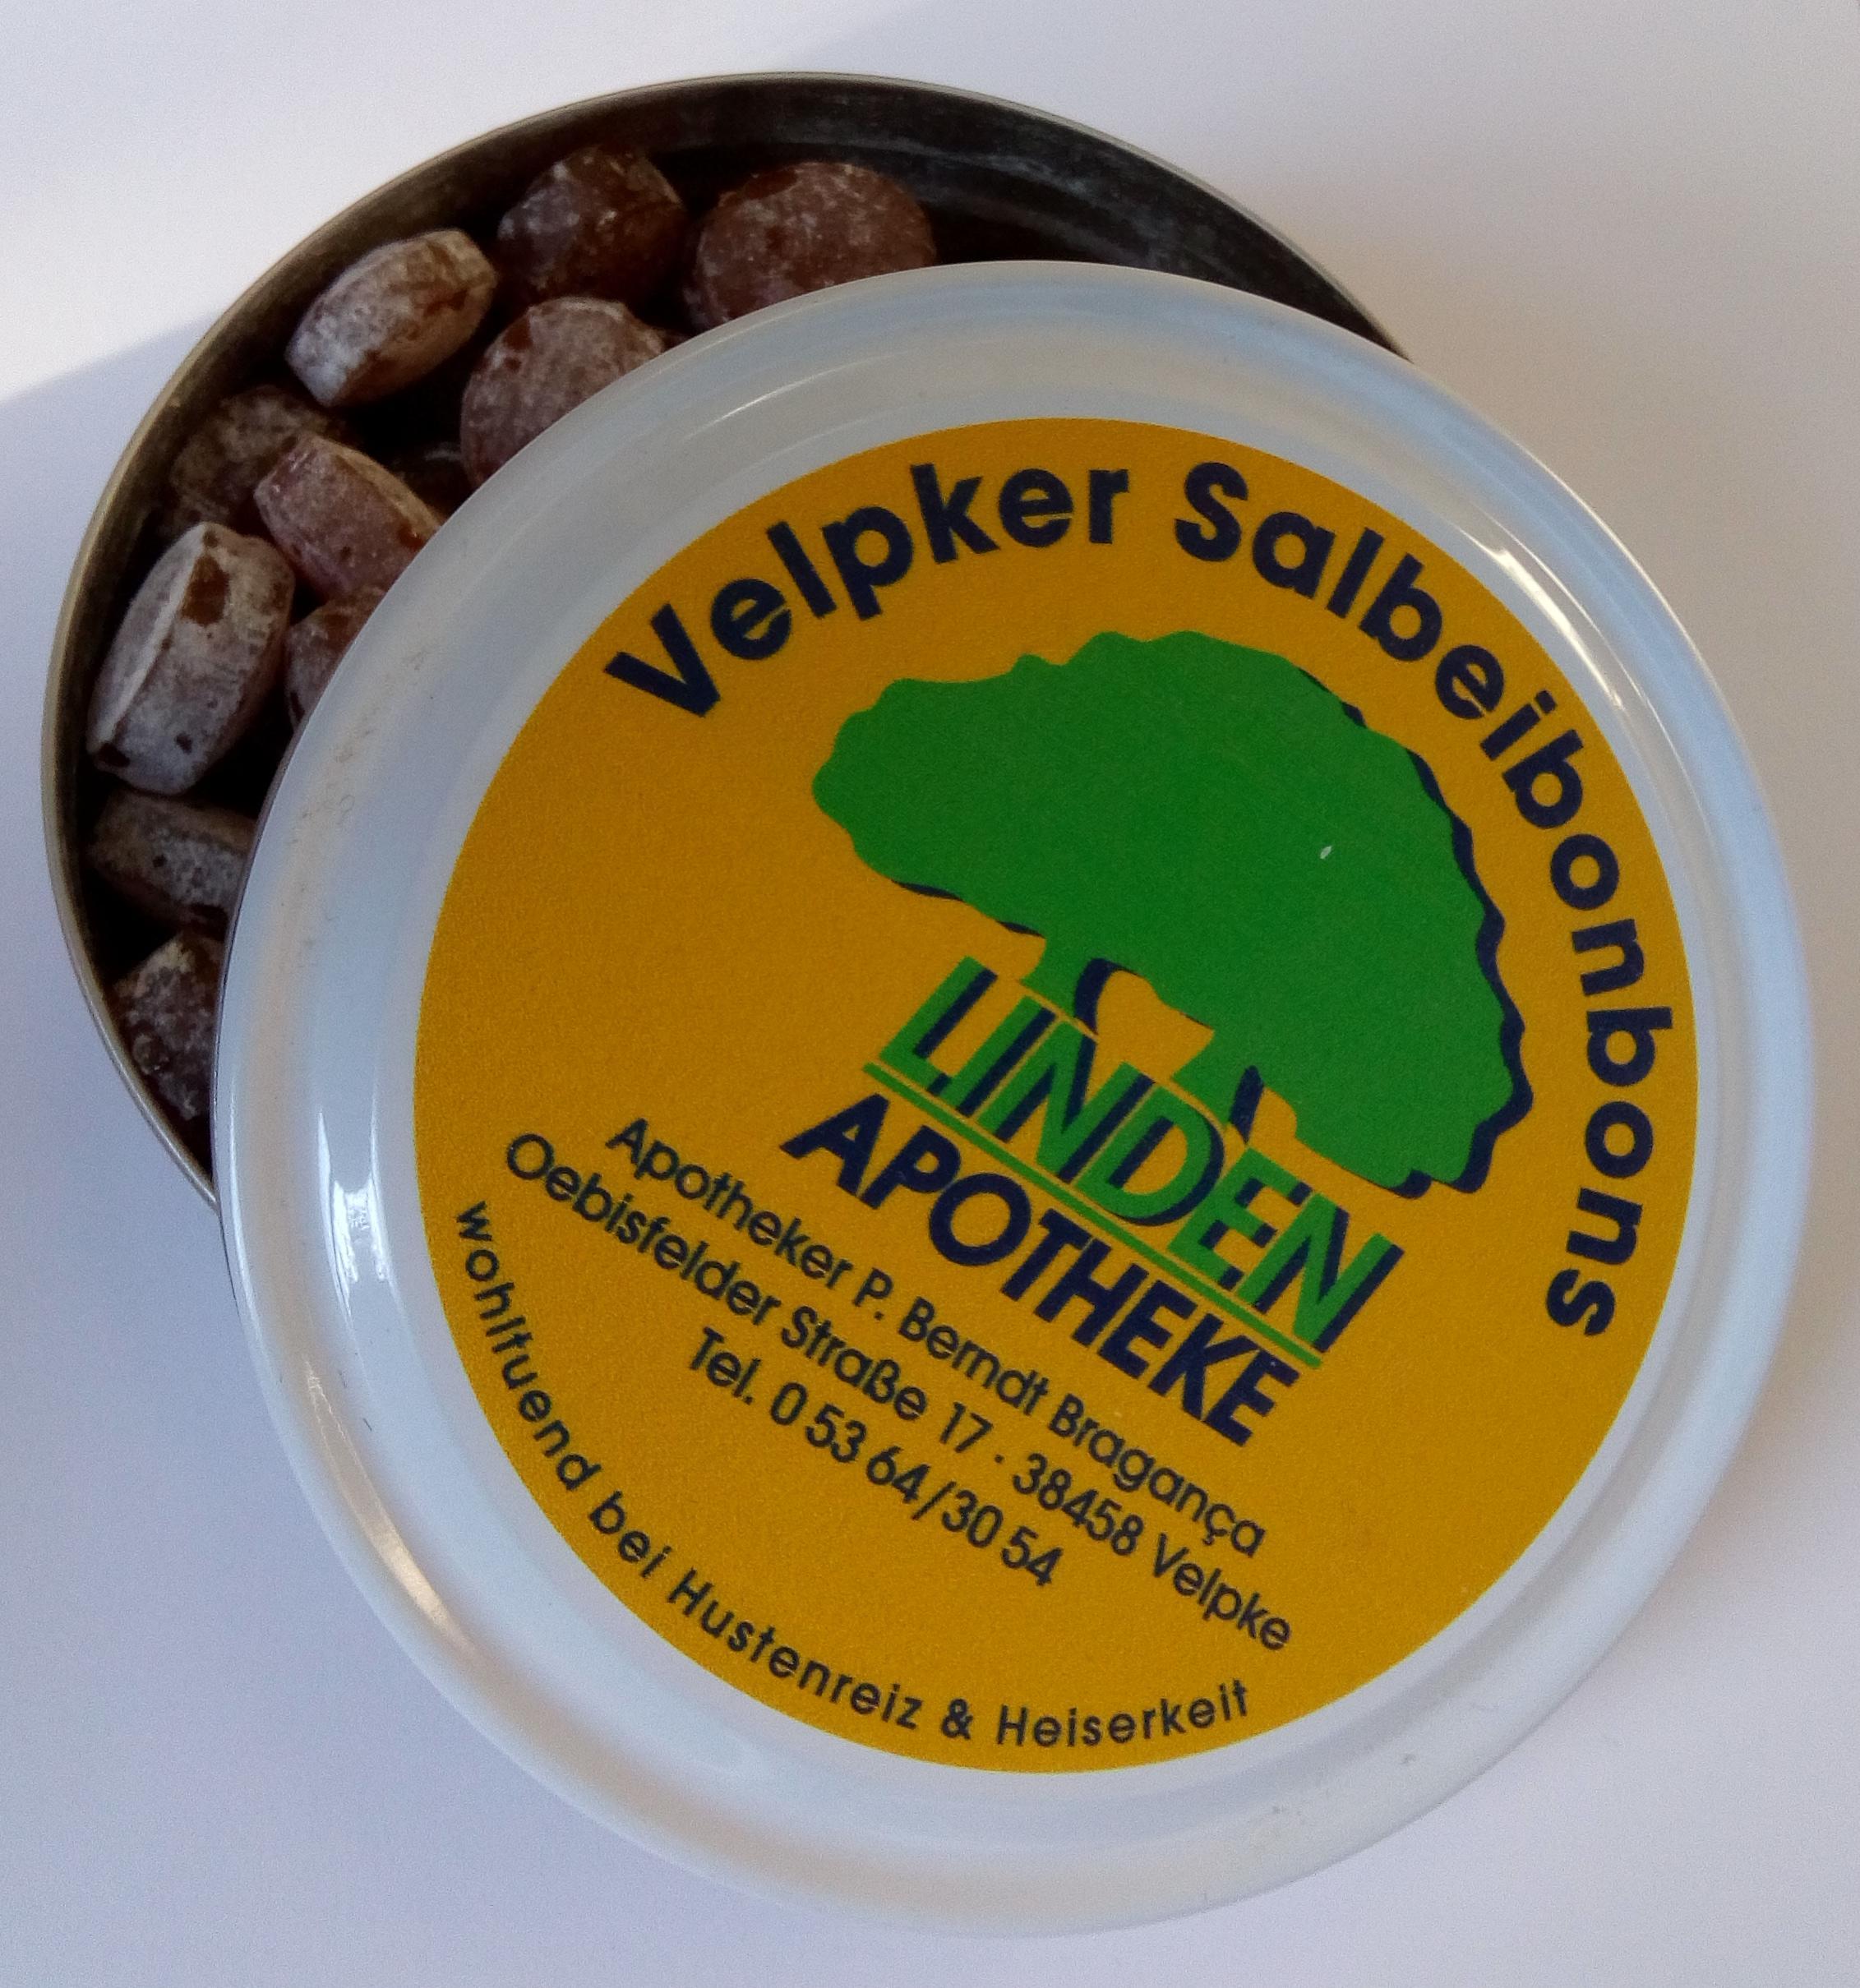 Velpker Husten- und Salbeibonbons